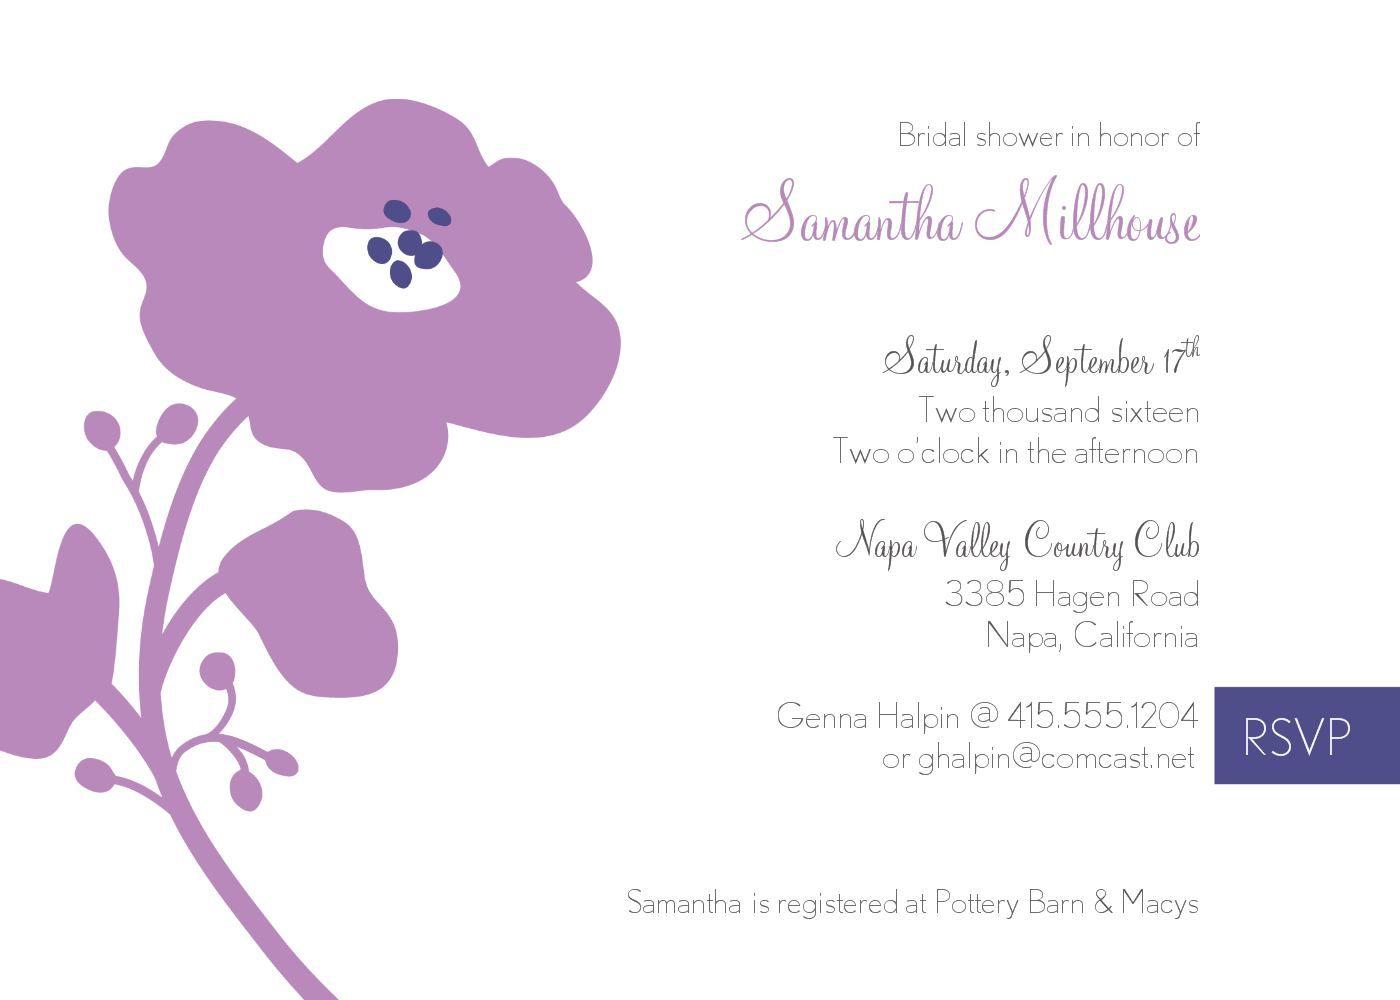 Bridal Shower Invite Template : Chanel Bridal Shower Invitation Template - Superb Invitation - Superb Invitation